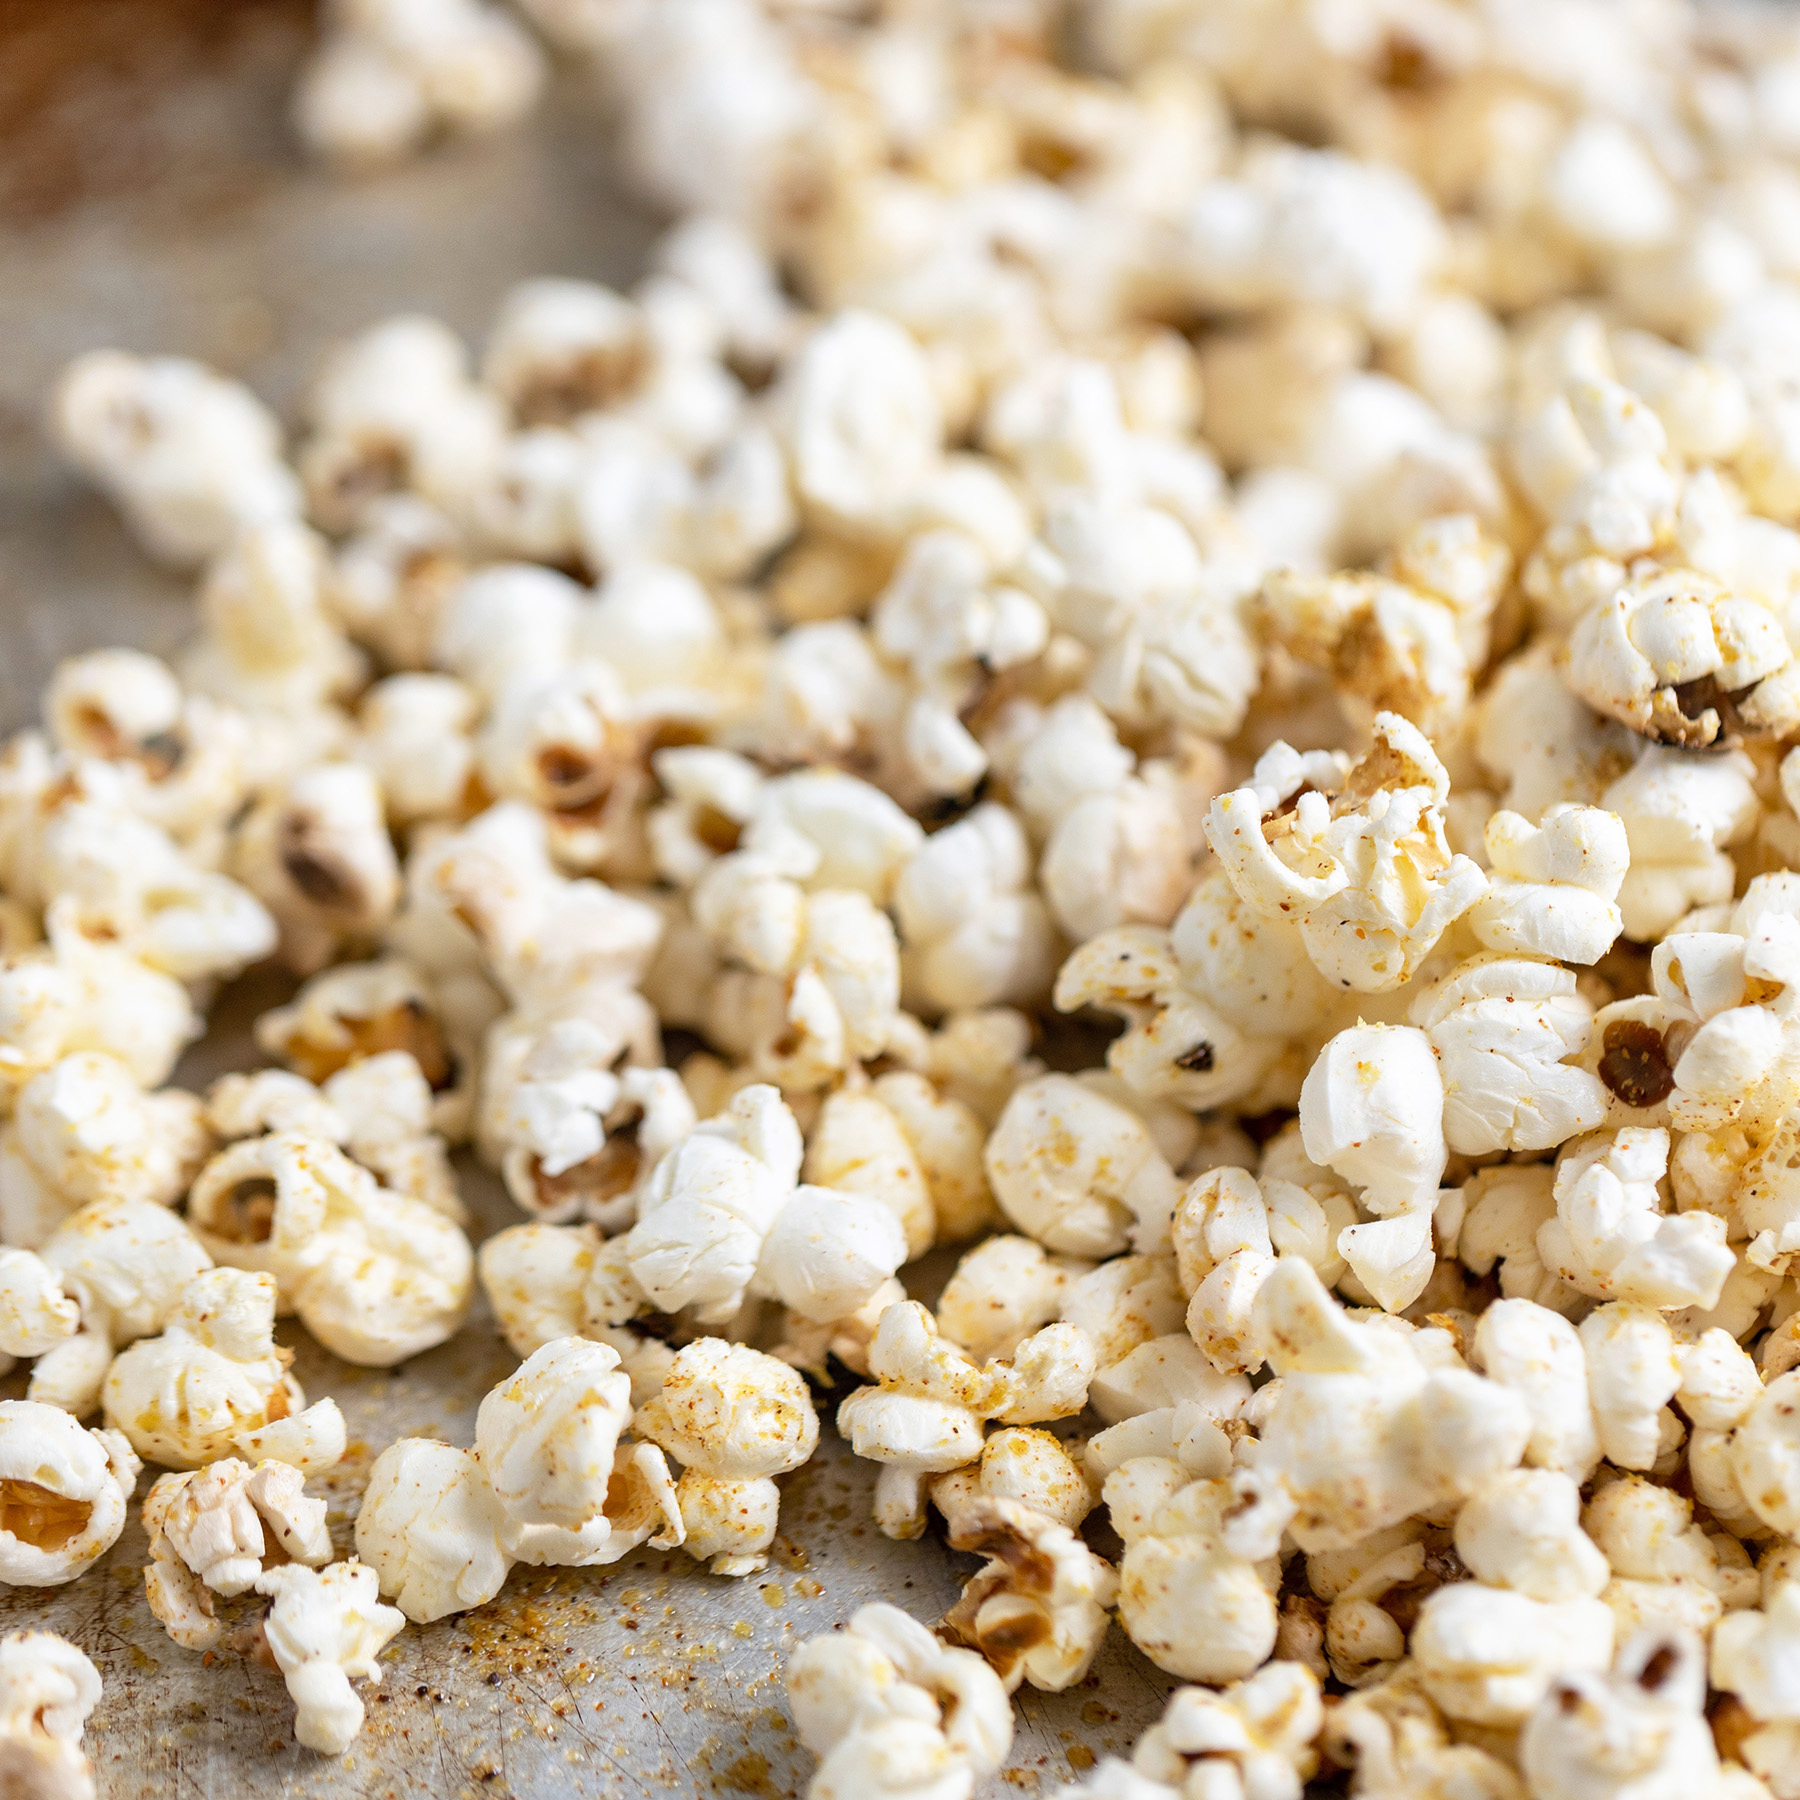 nacho-style popcorn